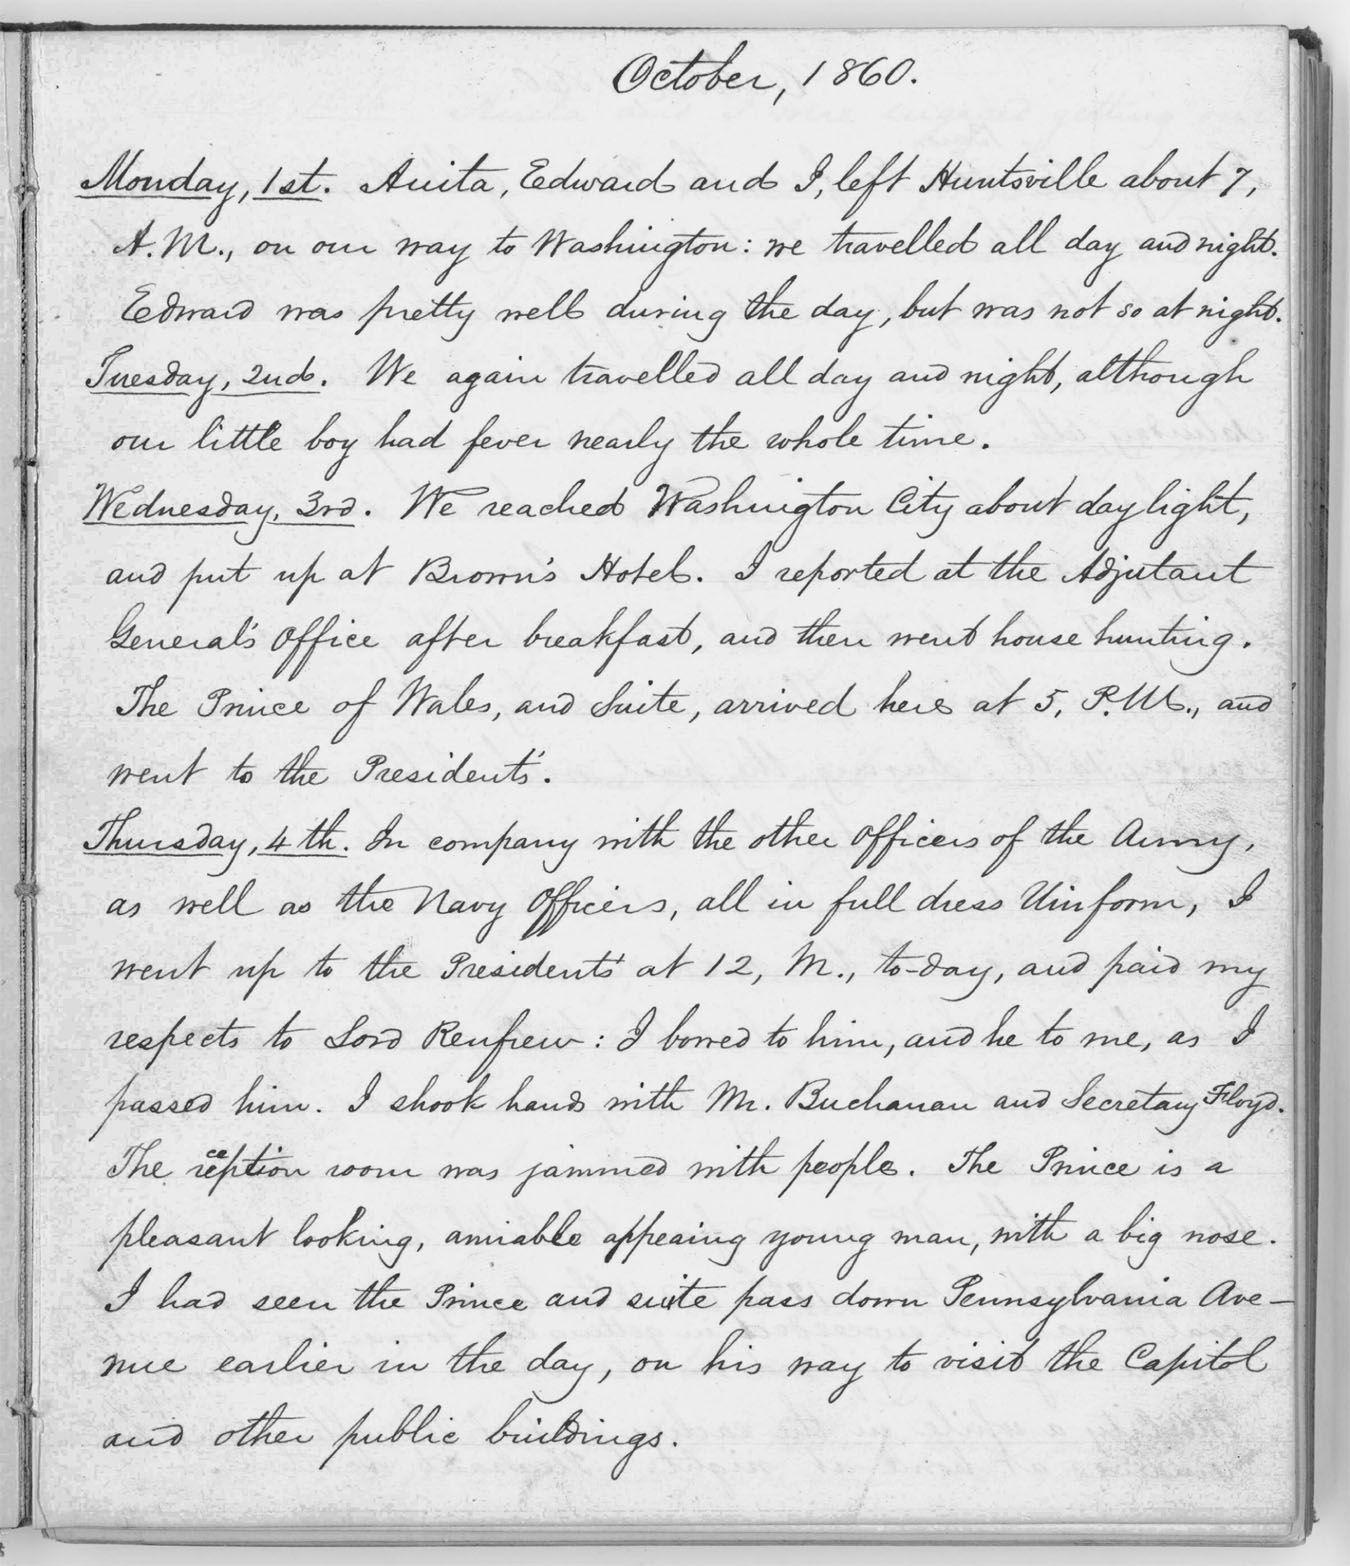 Civil War Diary Entries